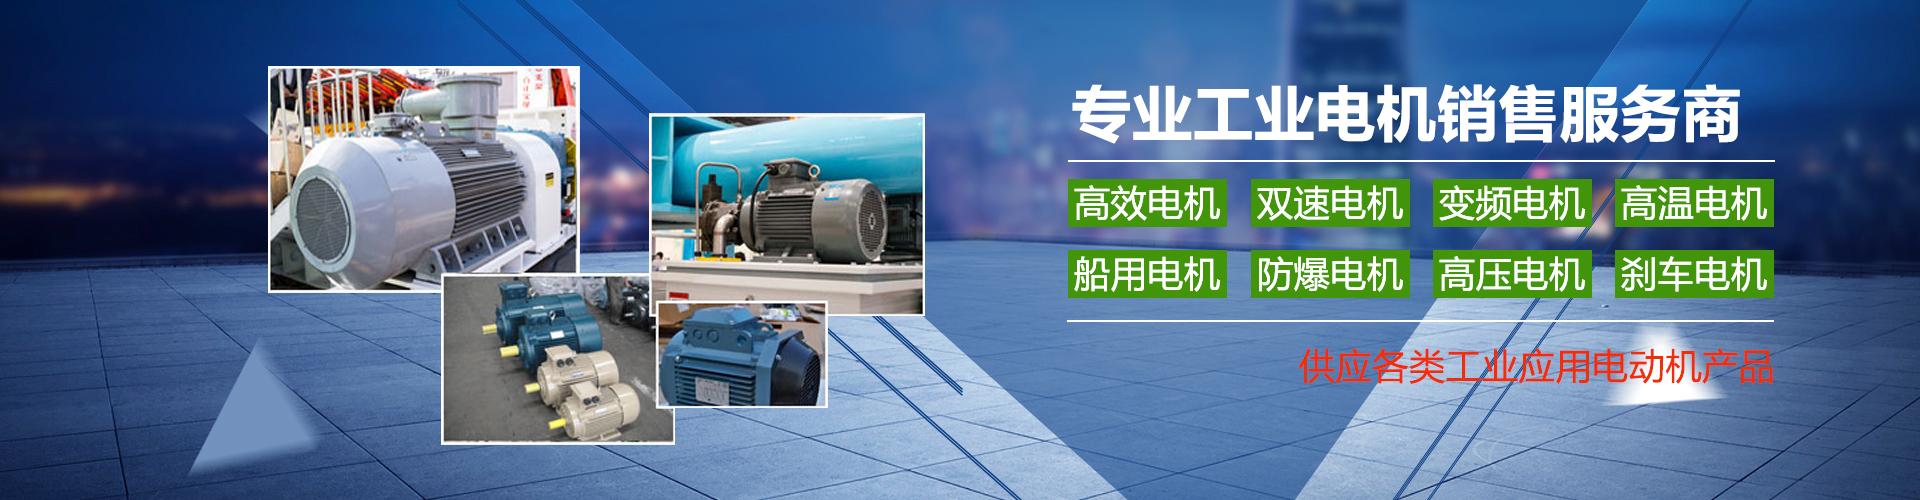 供应各类工业应用电动机